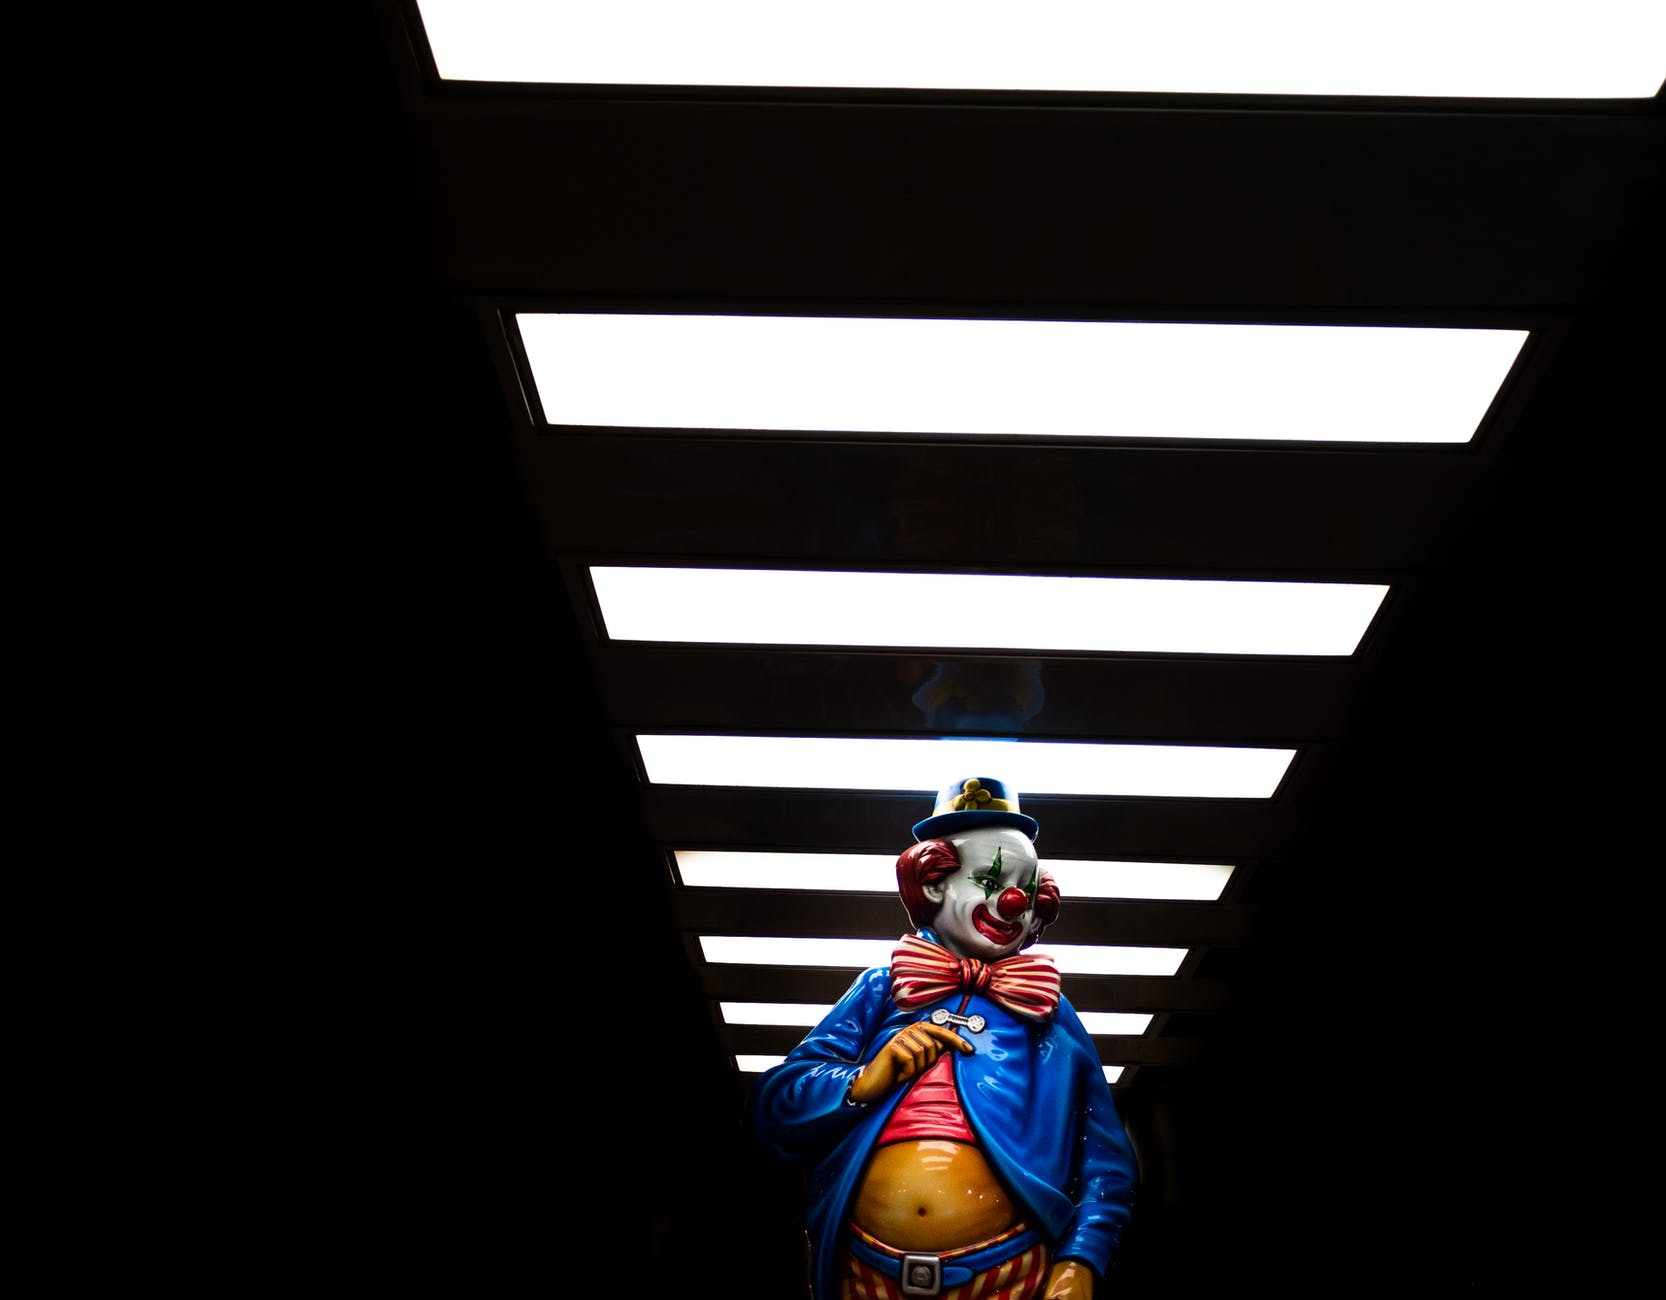 clown inside tunnel